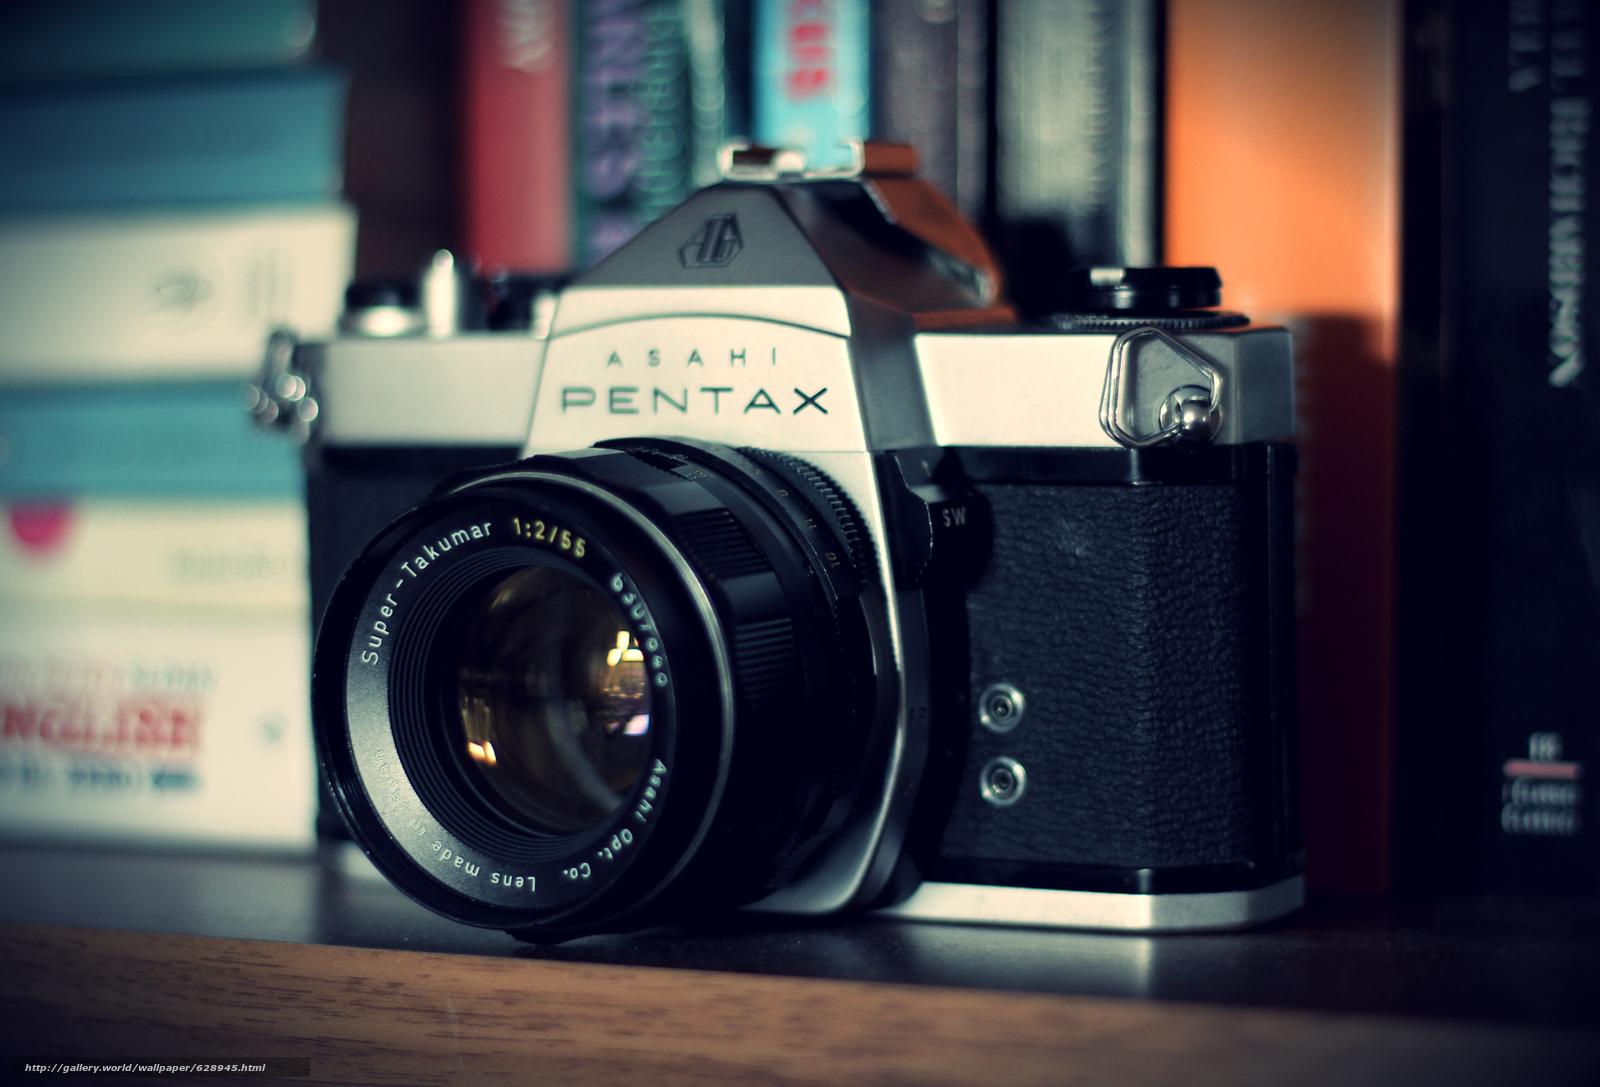 caméra, Pentax, lentille, vieux Télécharger,  image, photo, papier peint